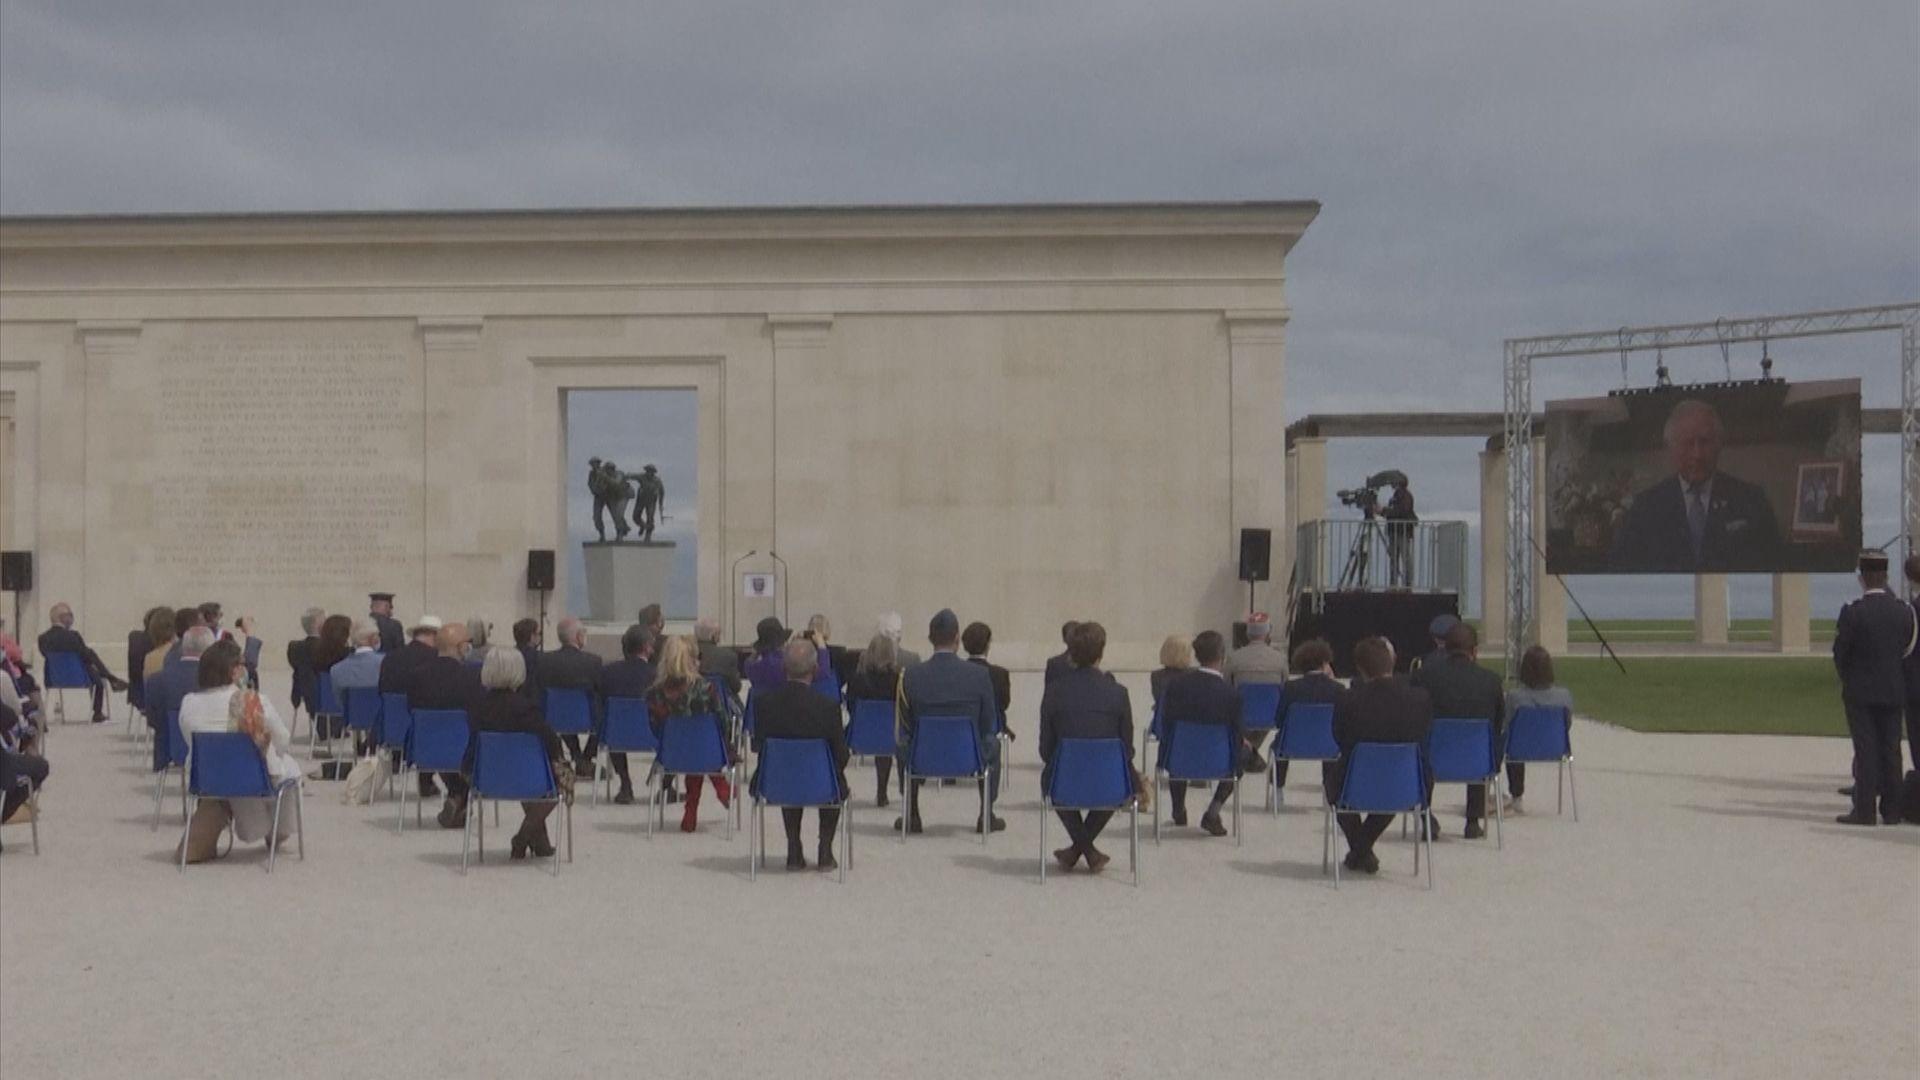 諾曼第戰役紀念建築在法國揭幕